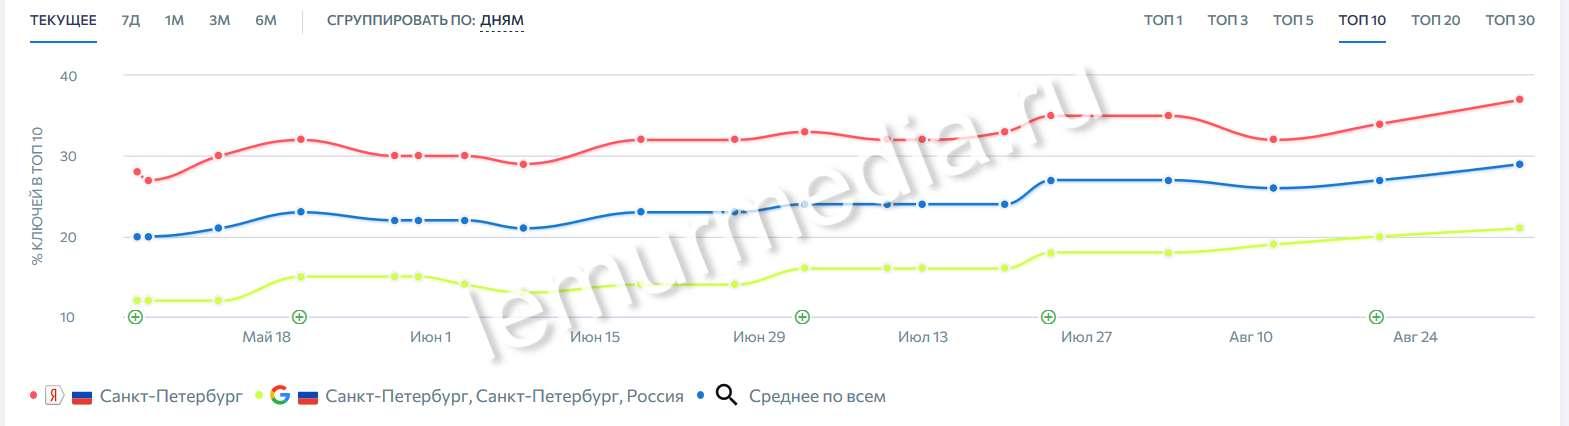 График % запросов в ТОП10 за 6 месяцев продвижения